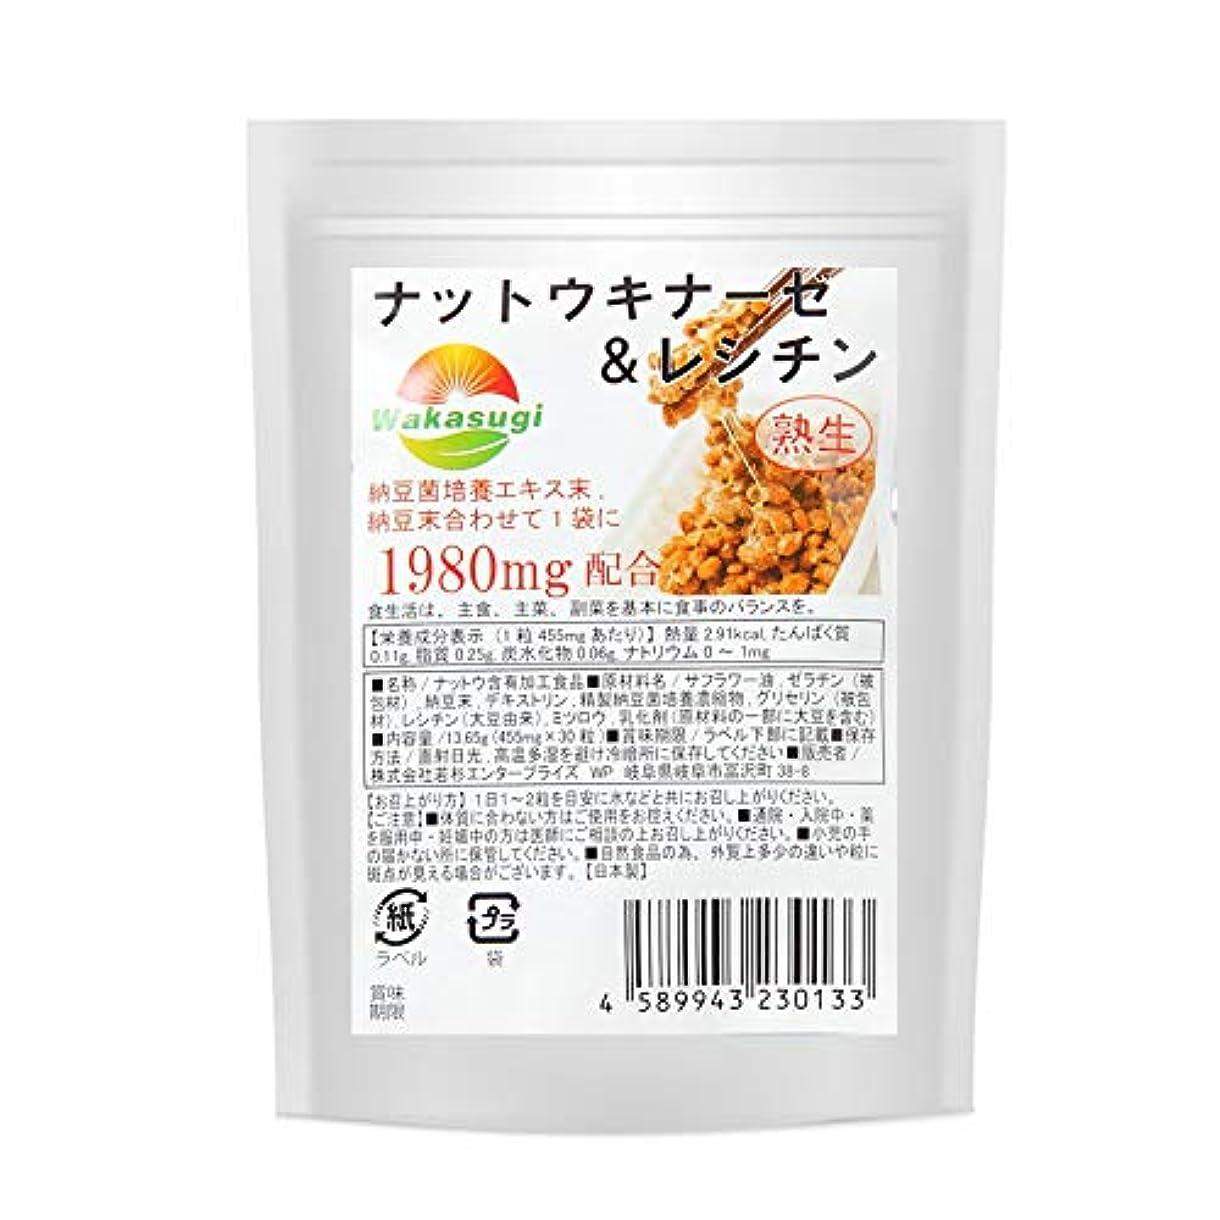 支援する想像力豊かな舌な超熟 納豆サプリメント 30粒 生ナットウキナーゼ&レシチン ソフトカプセルタイプ